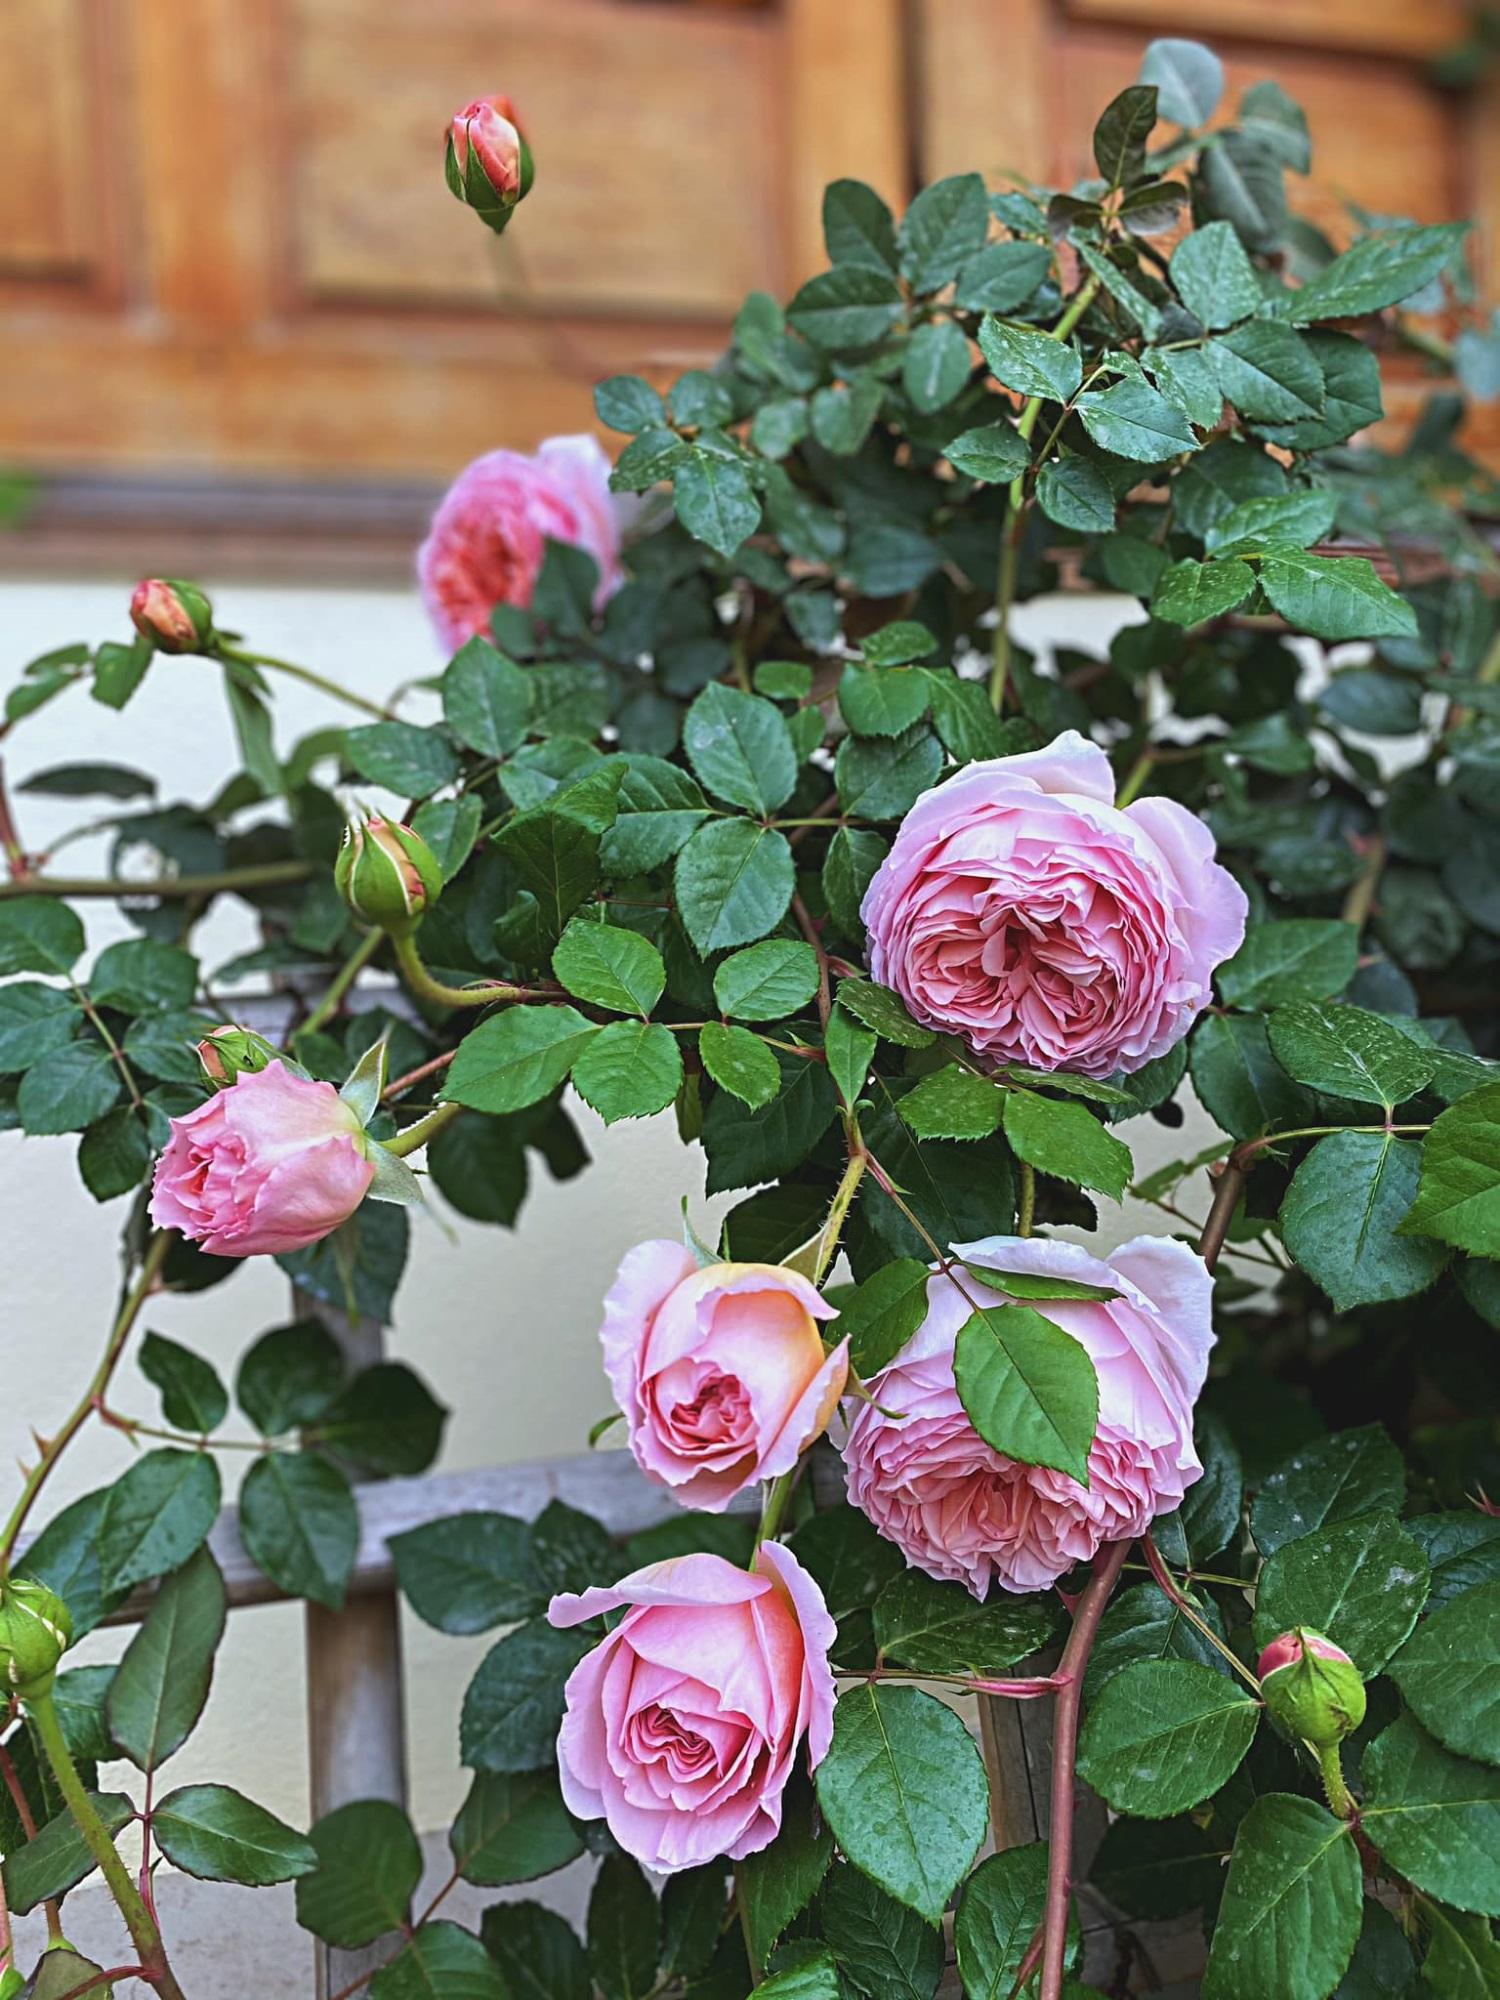 Bí quyết cực dễ để chăm giàn hồng leo nở hoa ngút ngàn, đẹp như trời tây - Ảnh 7